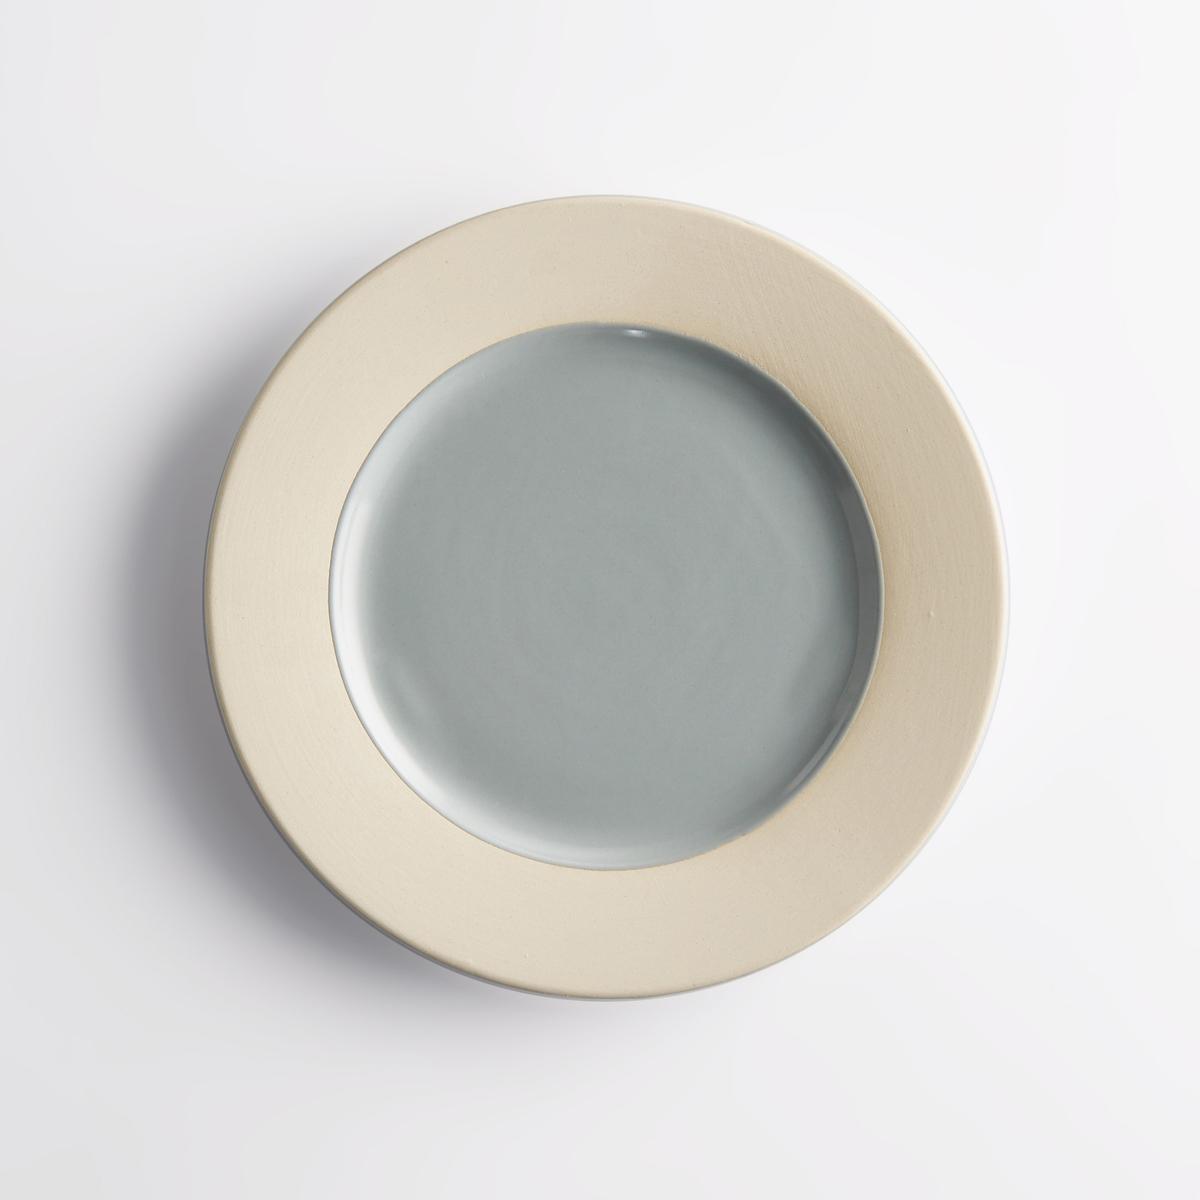 Комплект из 4 десертных тарелок, WAROTA комплект из 4 фарфоровых десертных тарелок palato